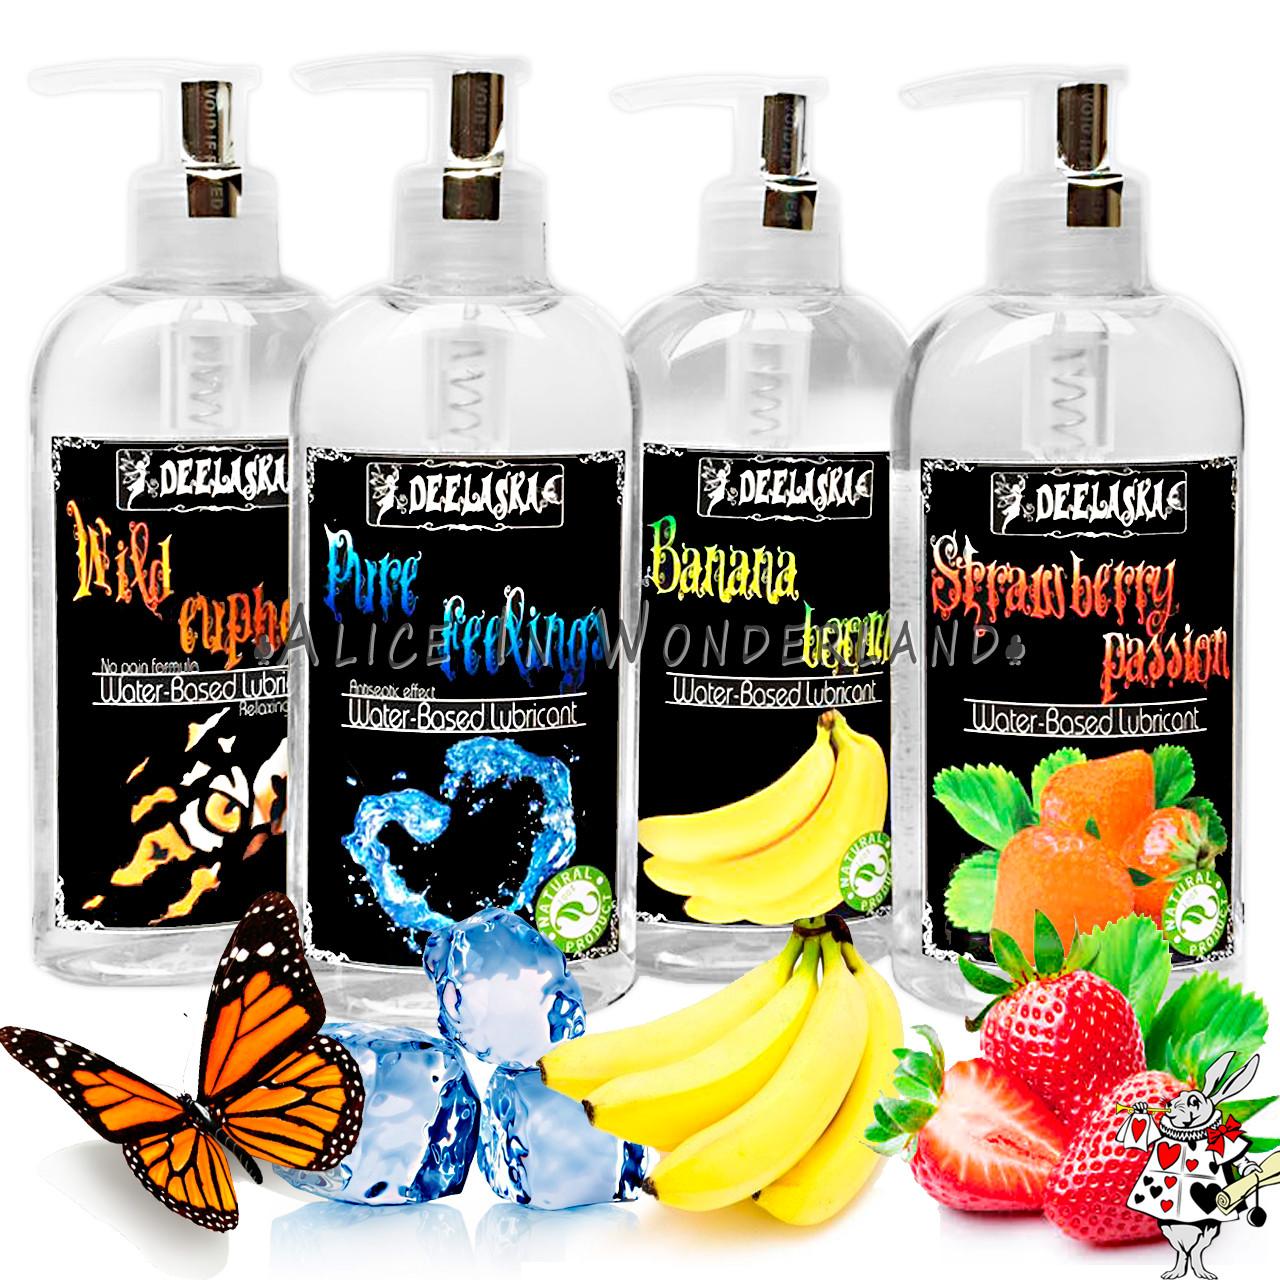 Лубрикант смазка на водной основе 200 ml Оригинал США гель-смазка Разные Ароматы интим смазка